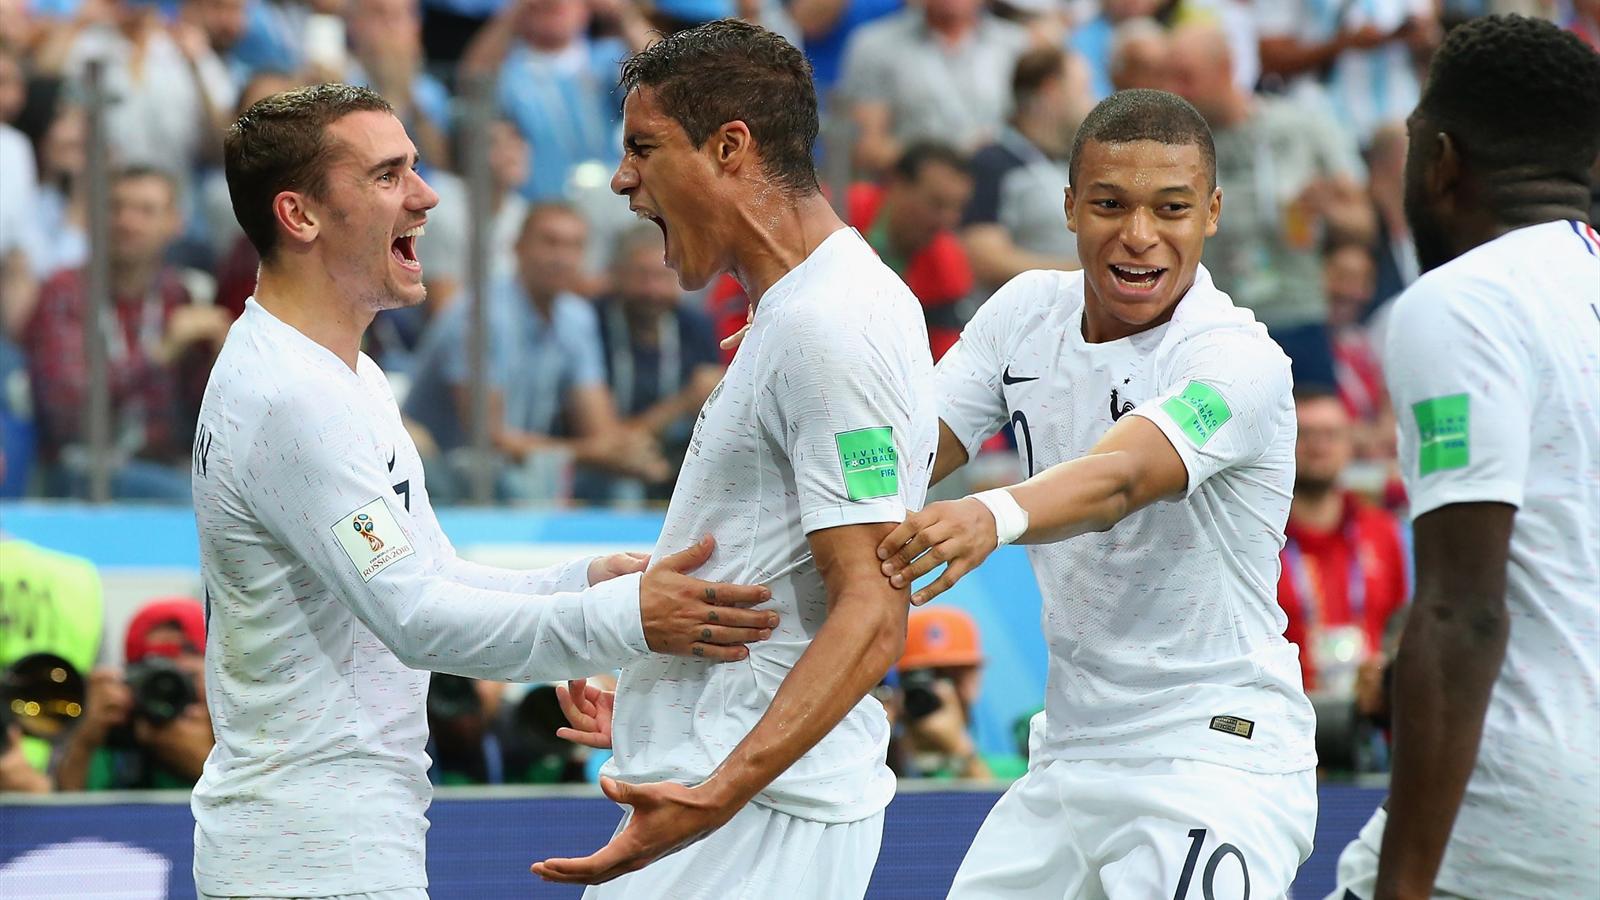 Coupe du monde un arbitre uruguayen pour la demi finale - Resultat foot feminin coupe de france ...